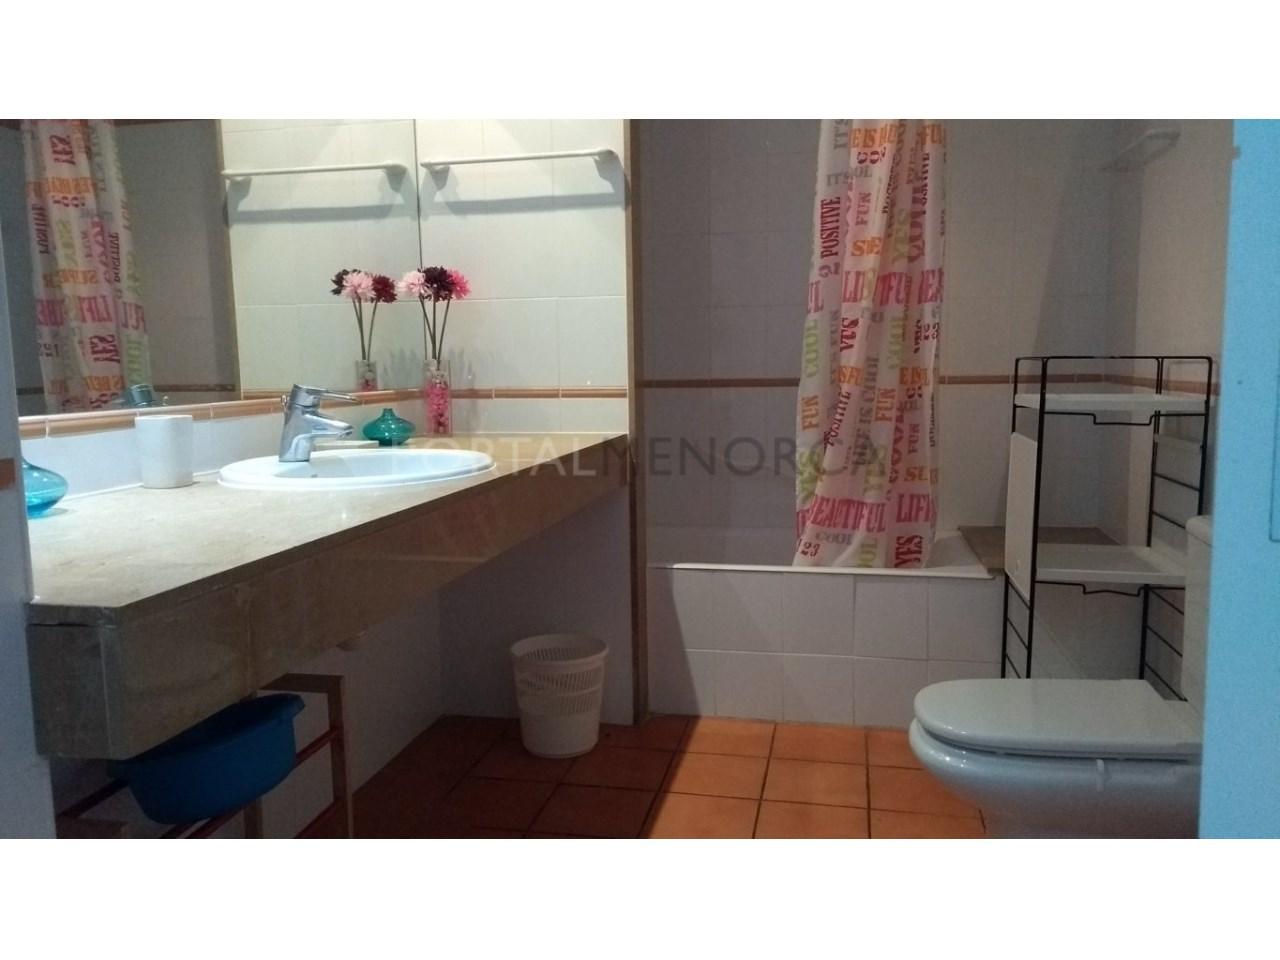 apartamento en venta en Son Xoriguer con piscina comunitaria baño